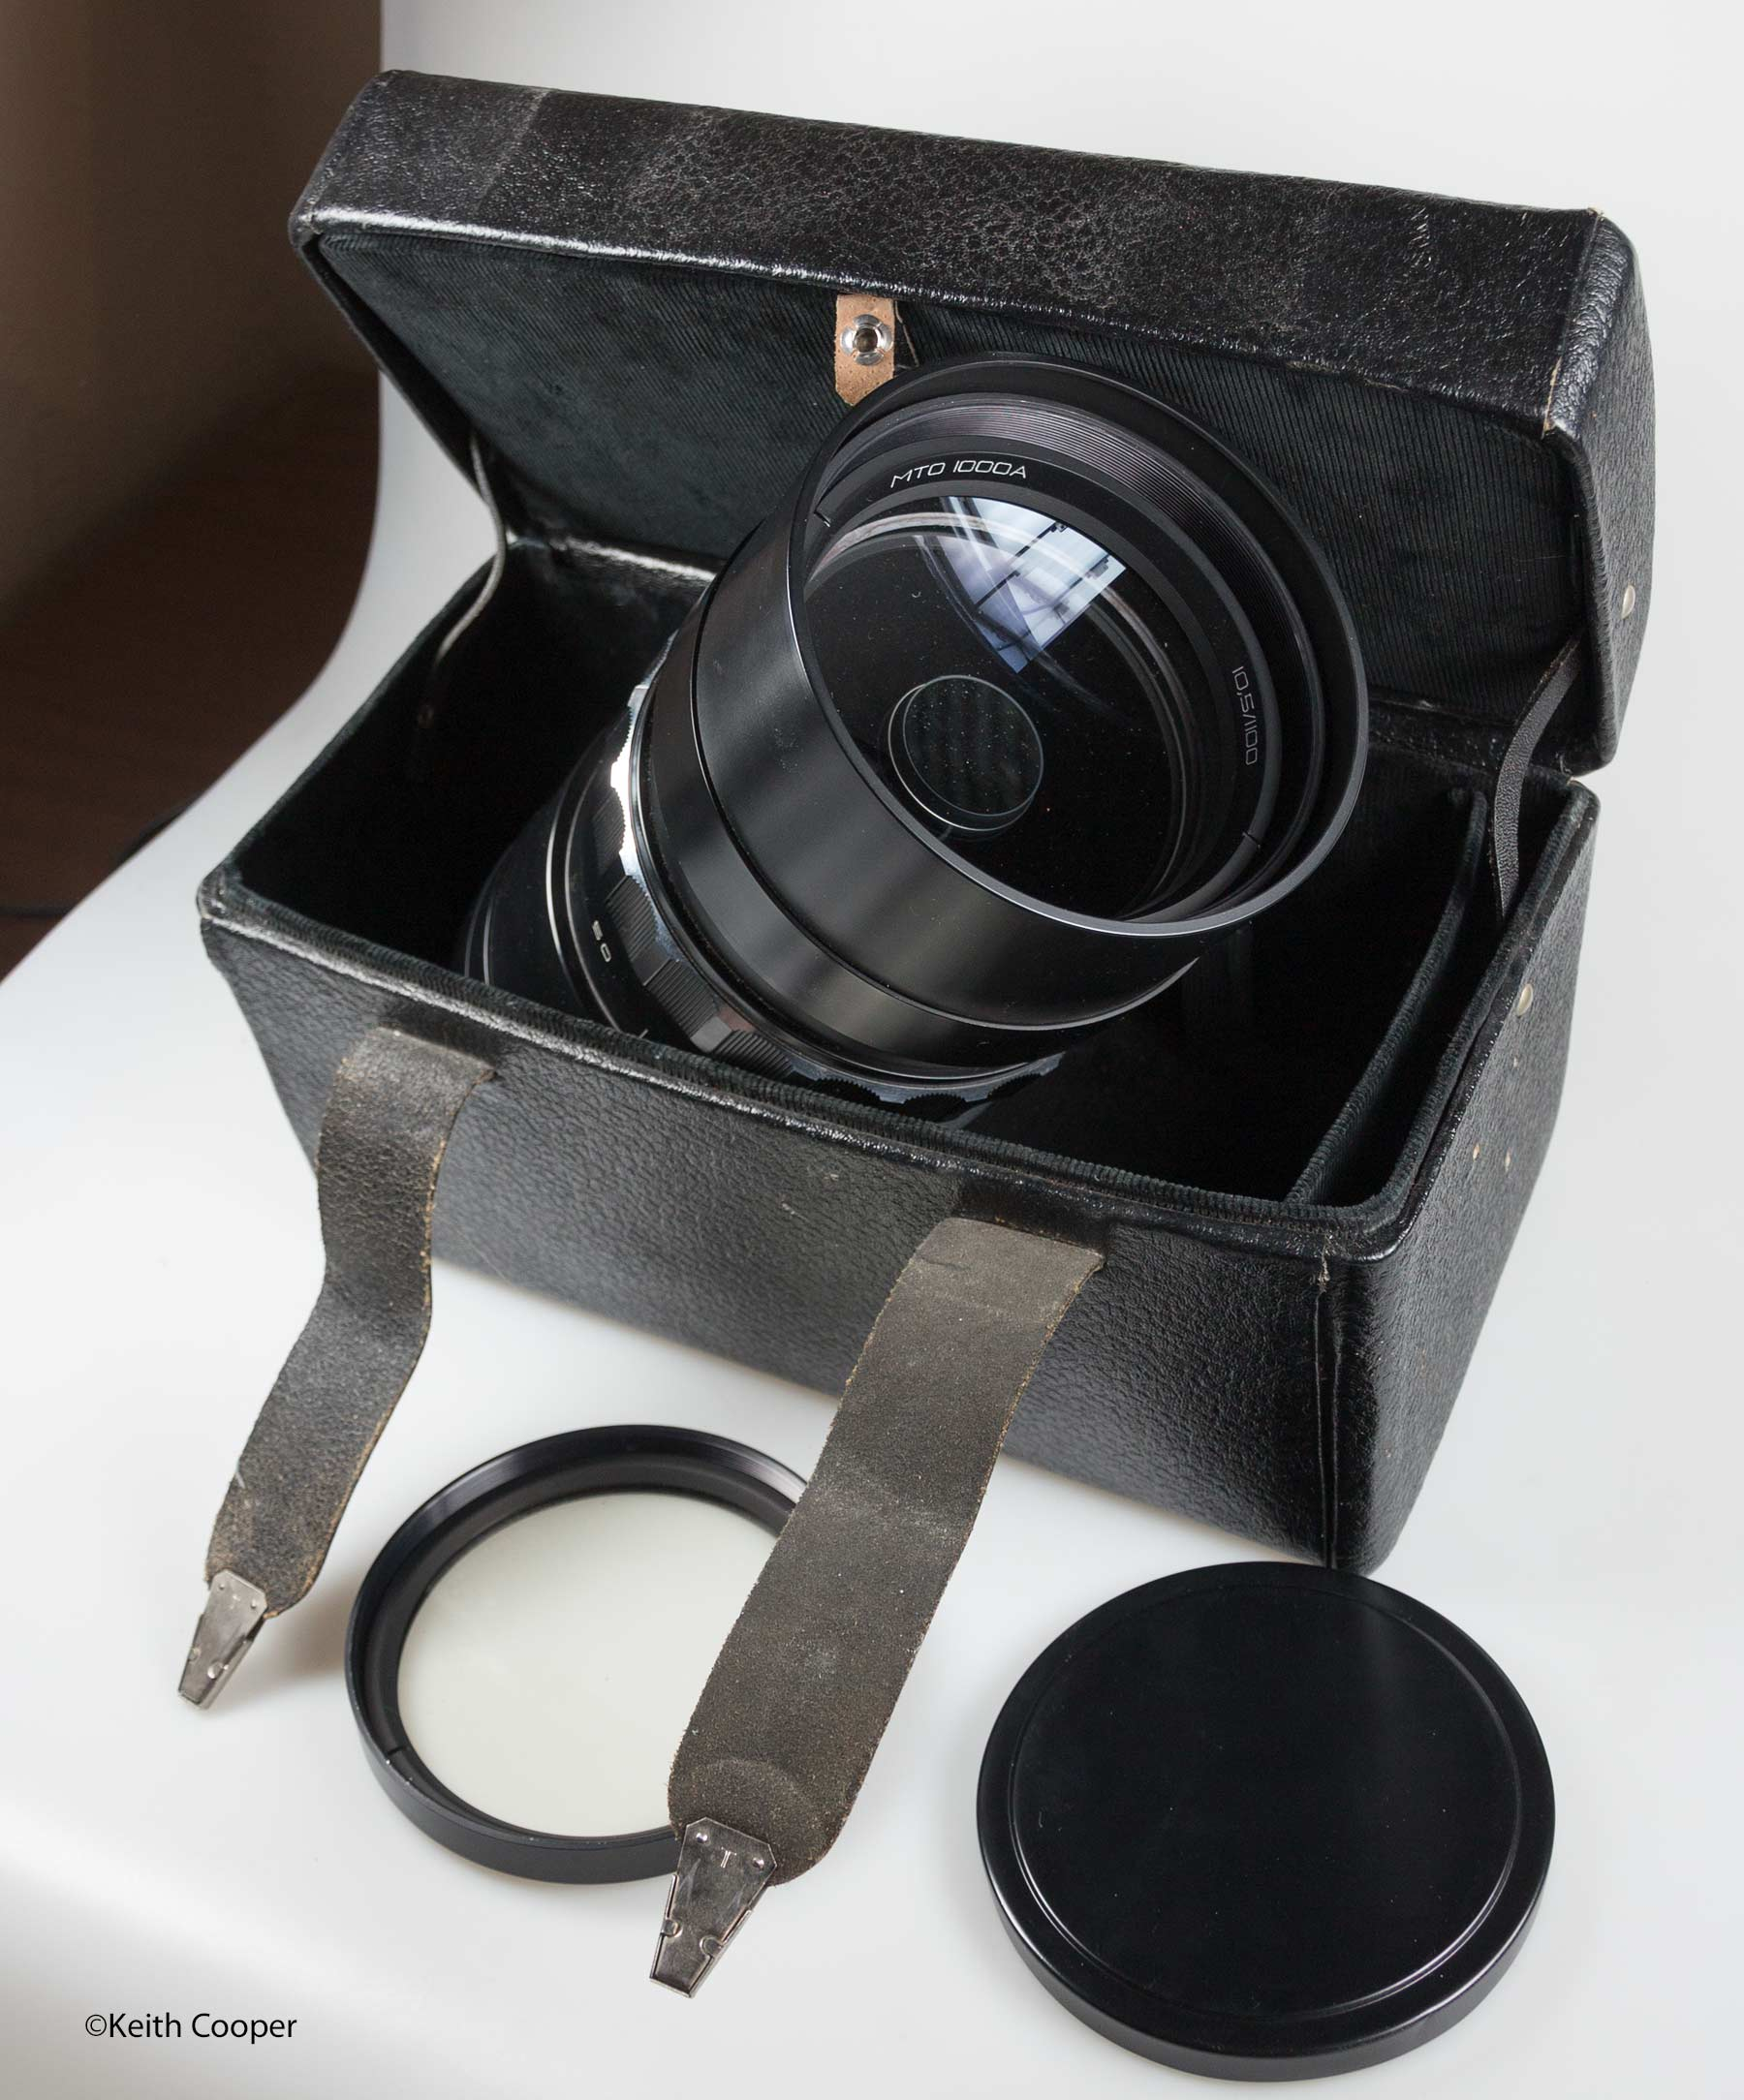 mto1000a 1100mm lens